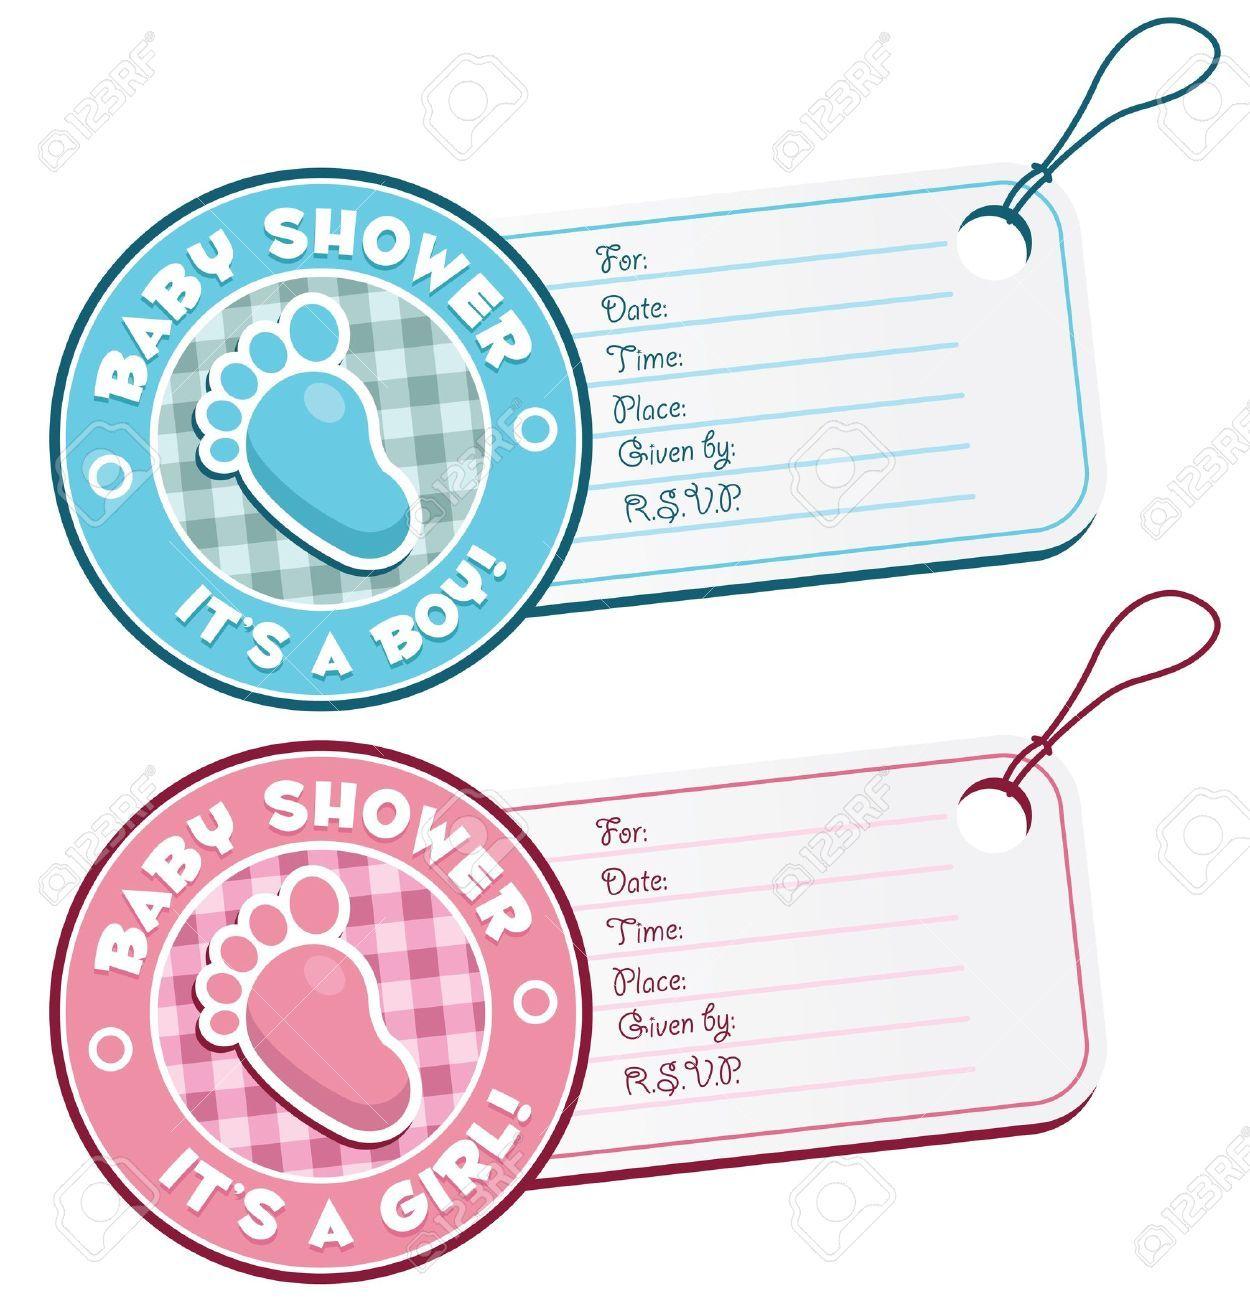 13621040-Baby-Shower-Etiquetas-pie-la-invitaci-n-Foto-de